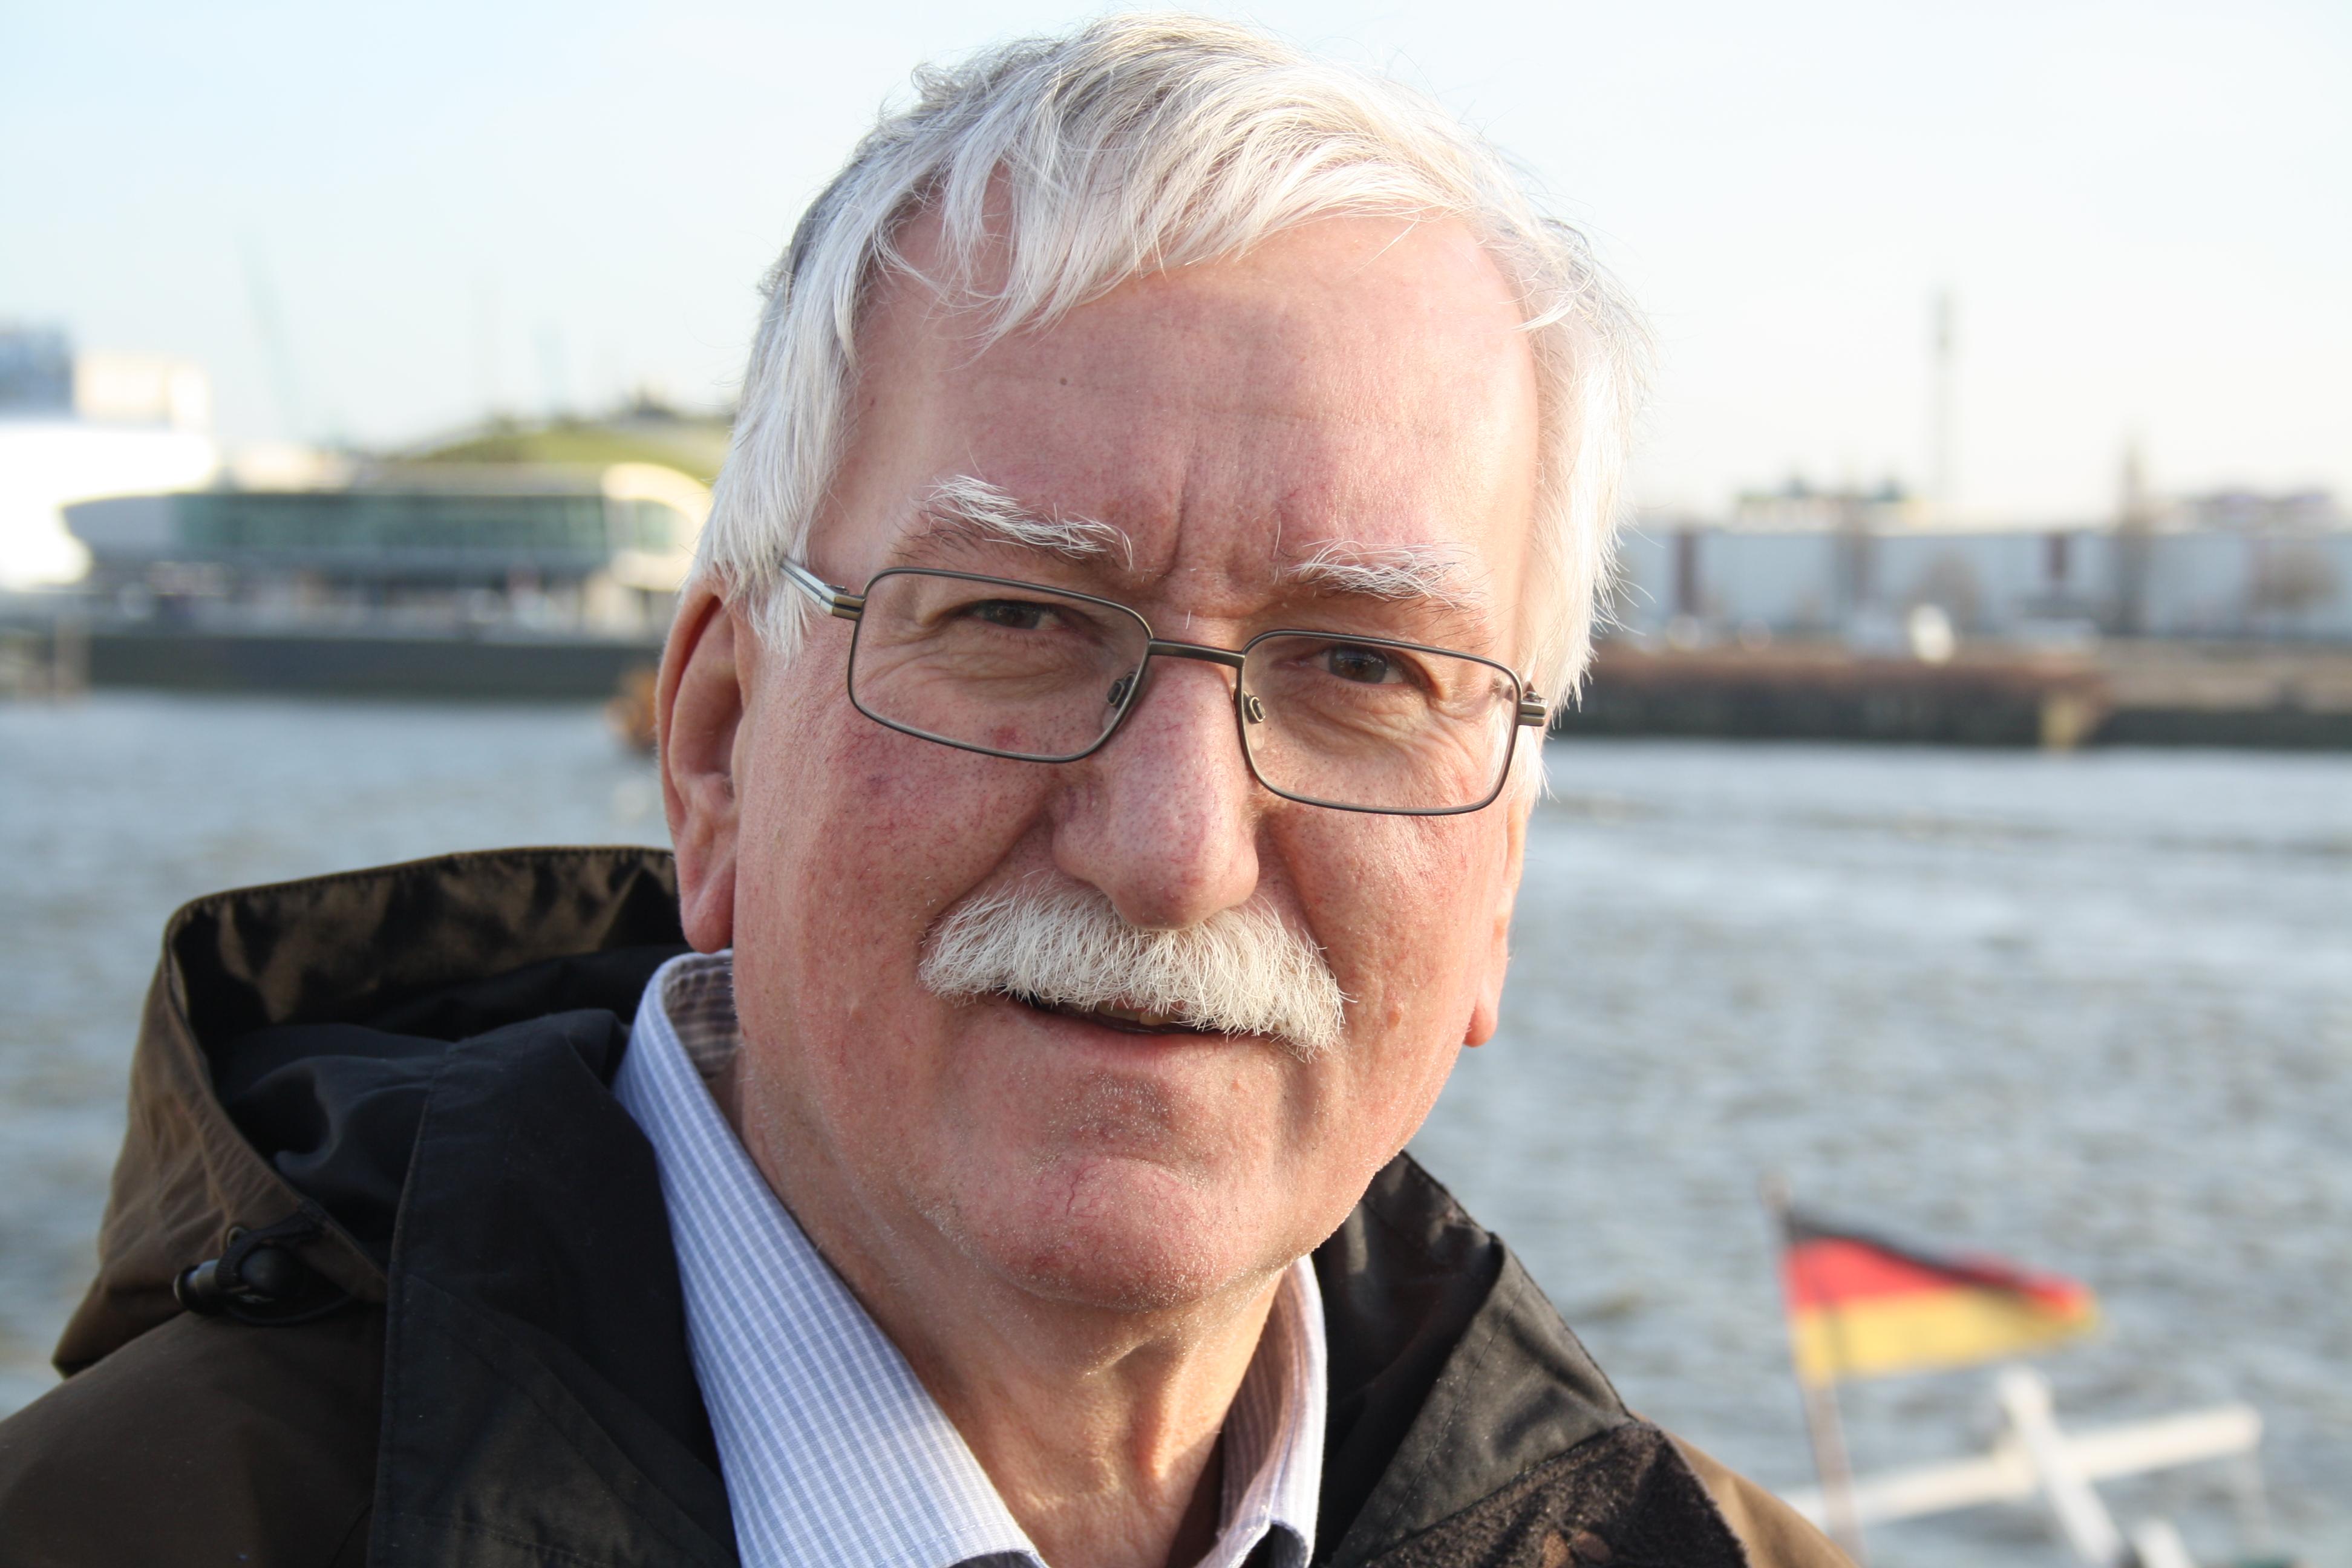 Michael Schnelle